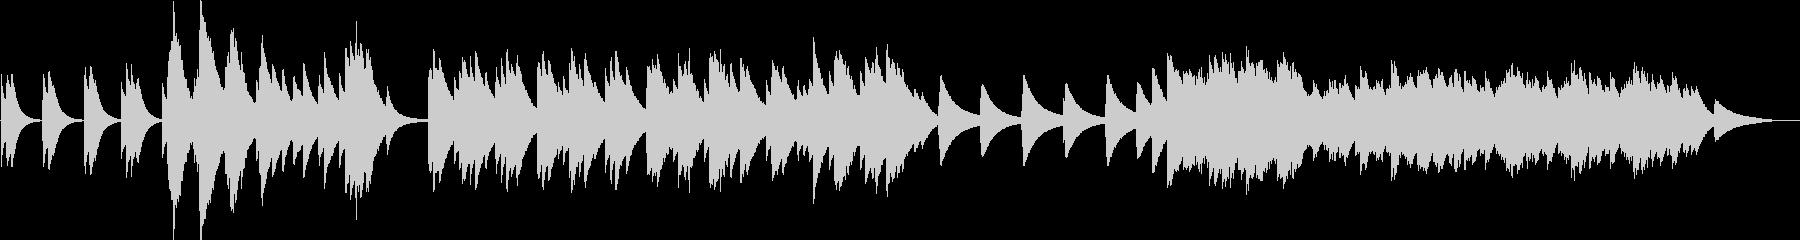 偉大なる揺り籠のベルの未再生の波形